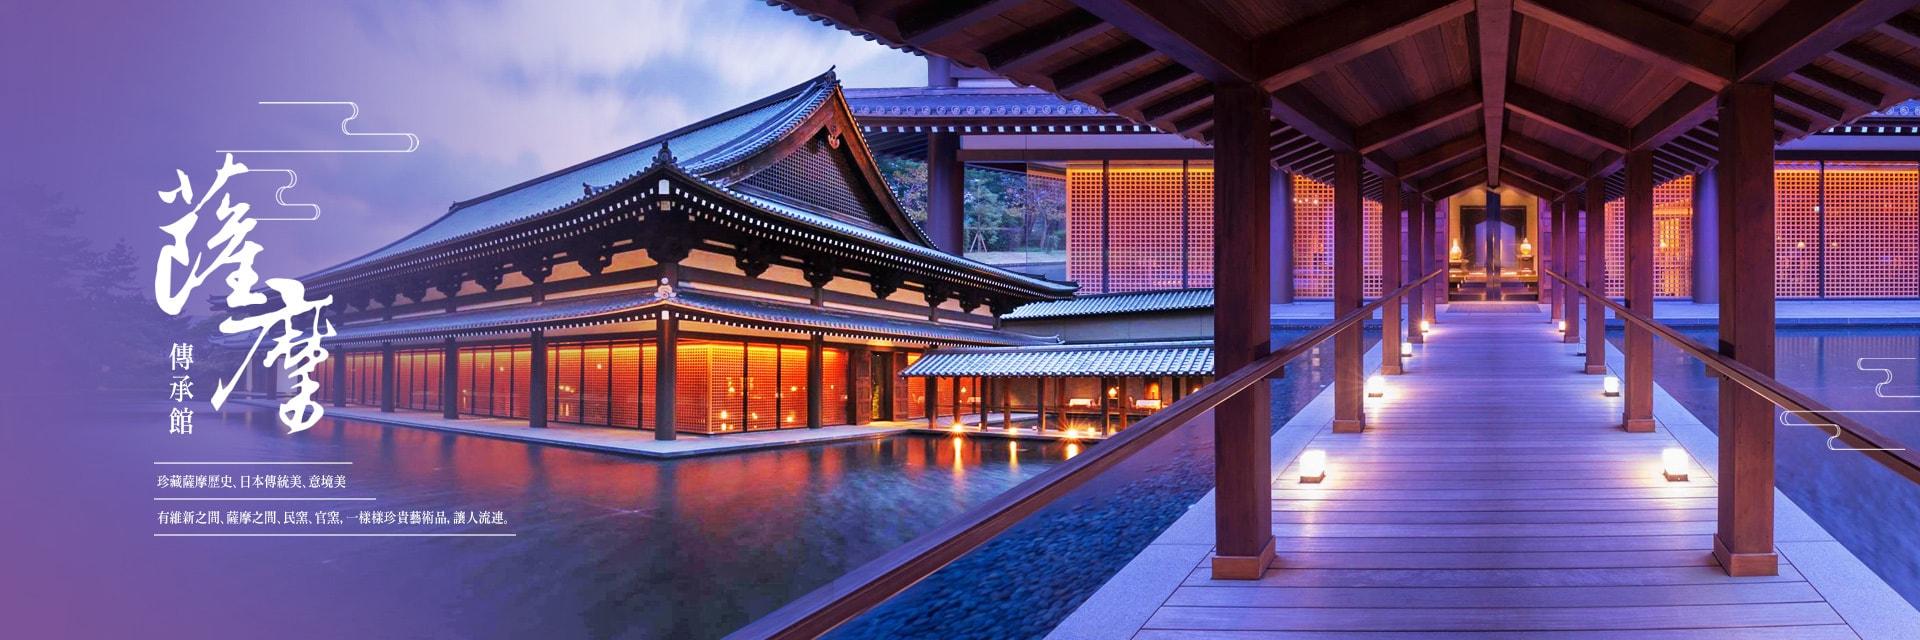 日本.九州.薩摩傳承館